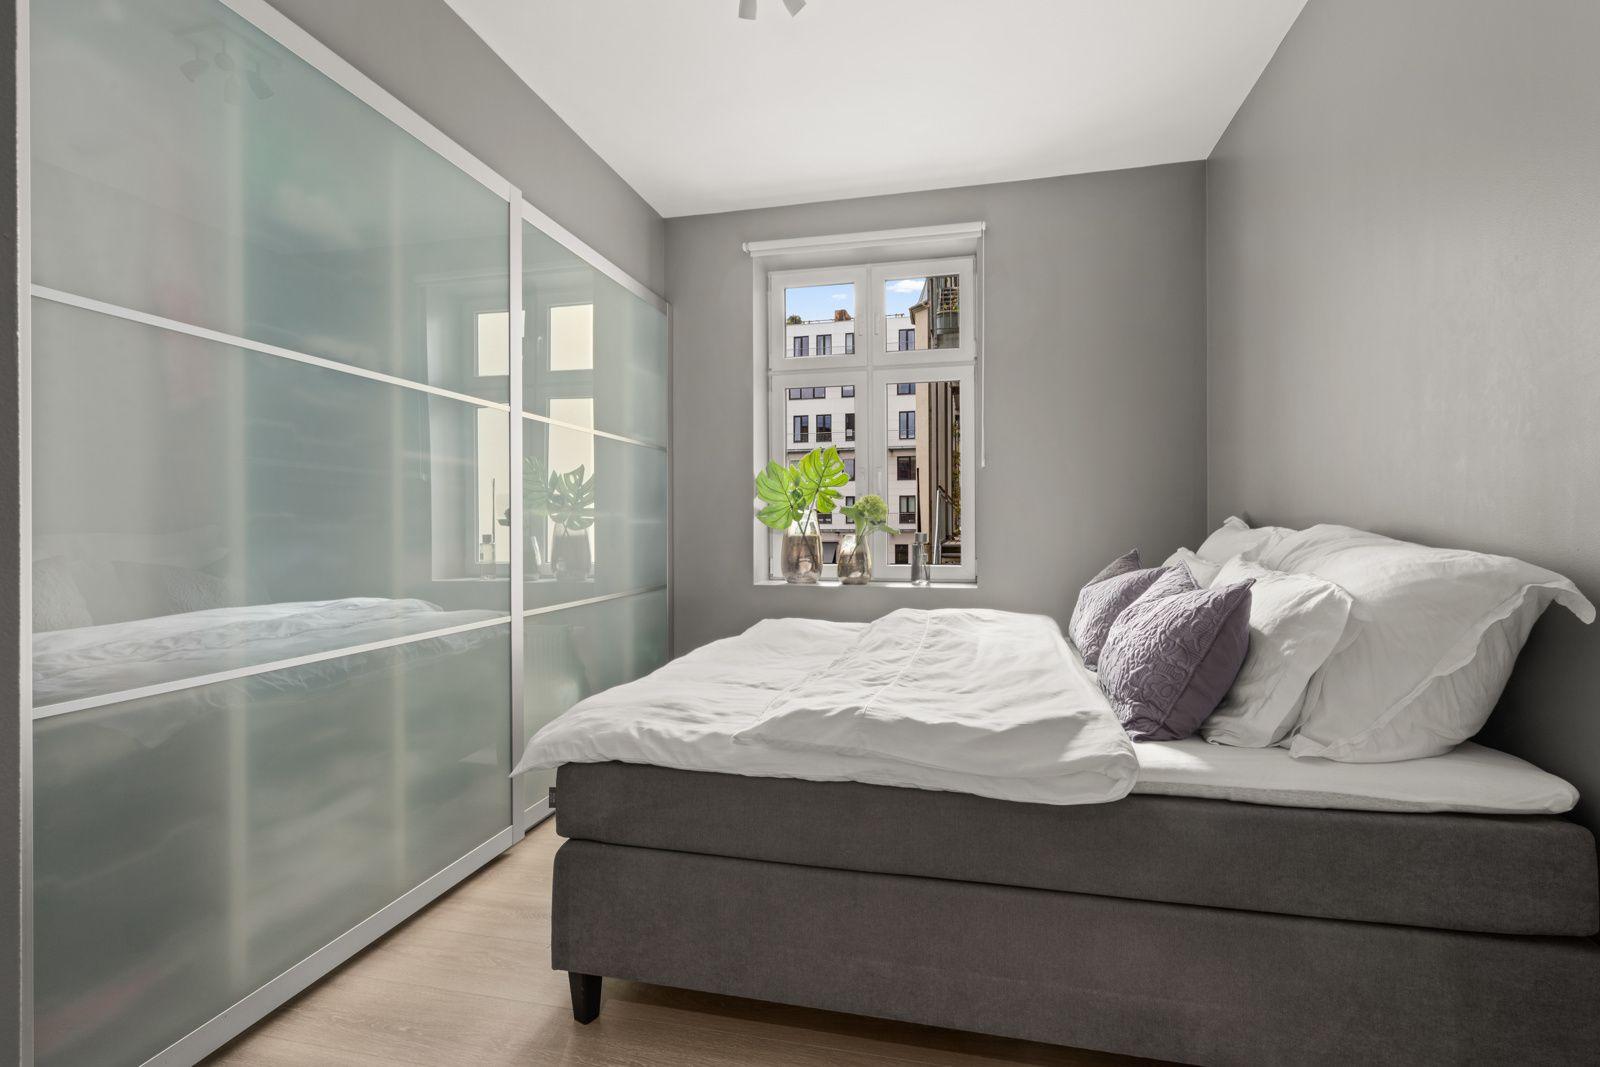 Teglverksgata 11 Luftig og lyst soverom med plass til dobbeltseng, nattbord og øvrig ønsket møblement.